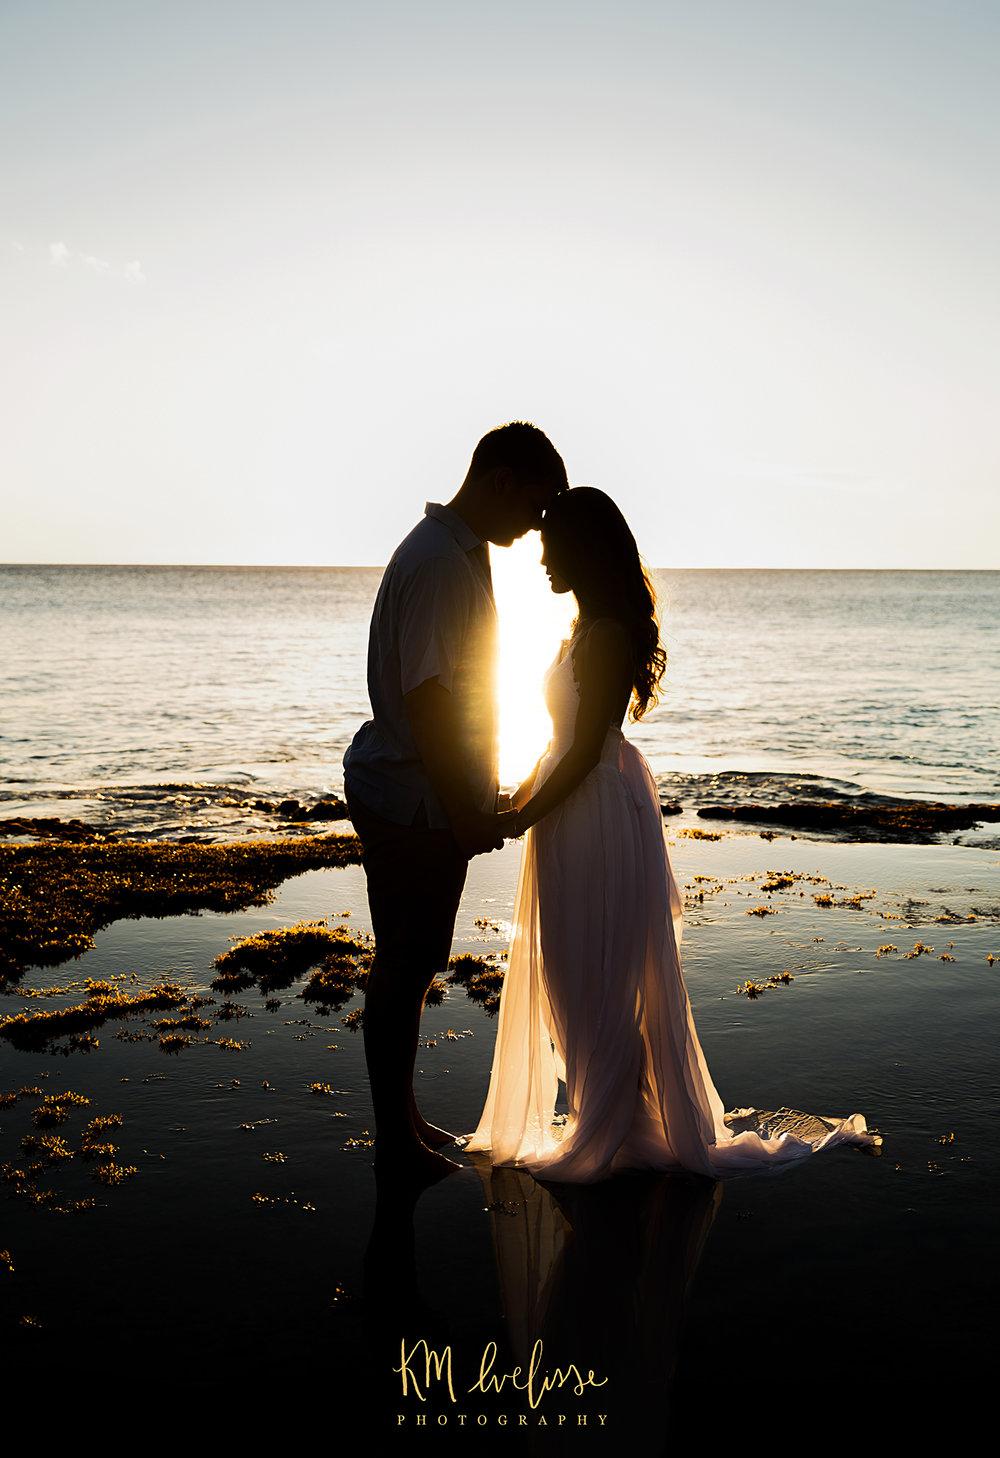 couples photo sunset love photography makua beach oahu hawaii KM Ivelisse Photographer